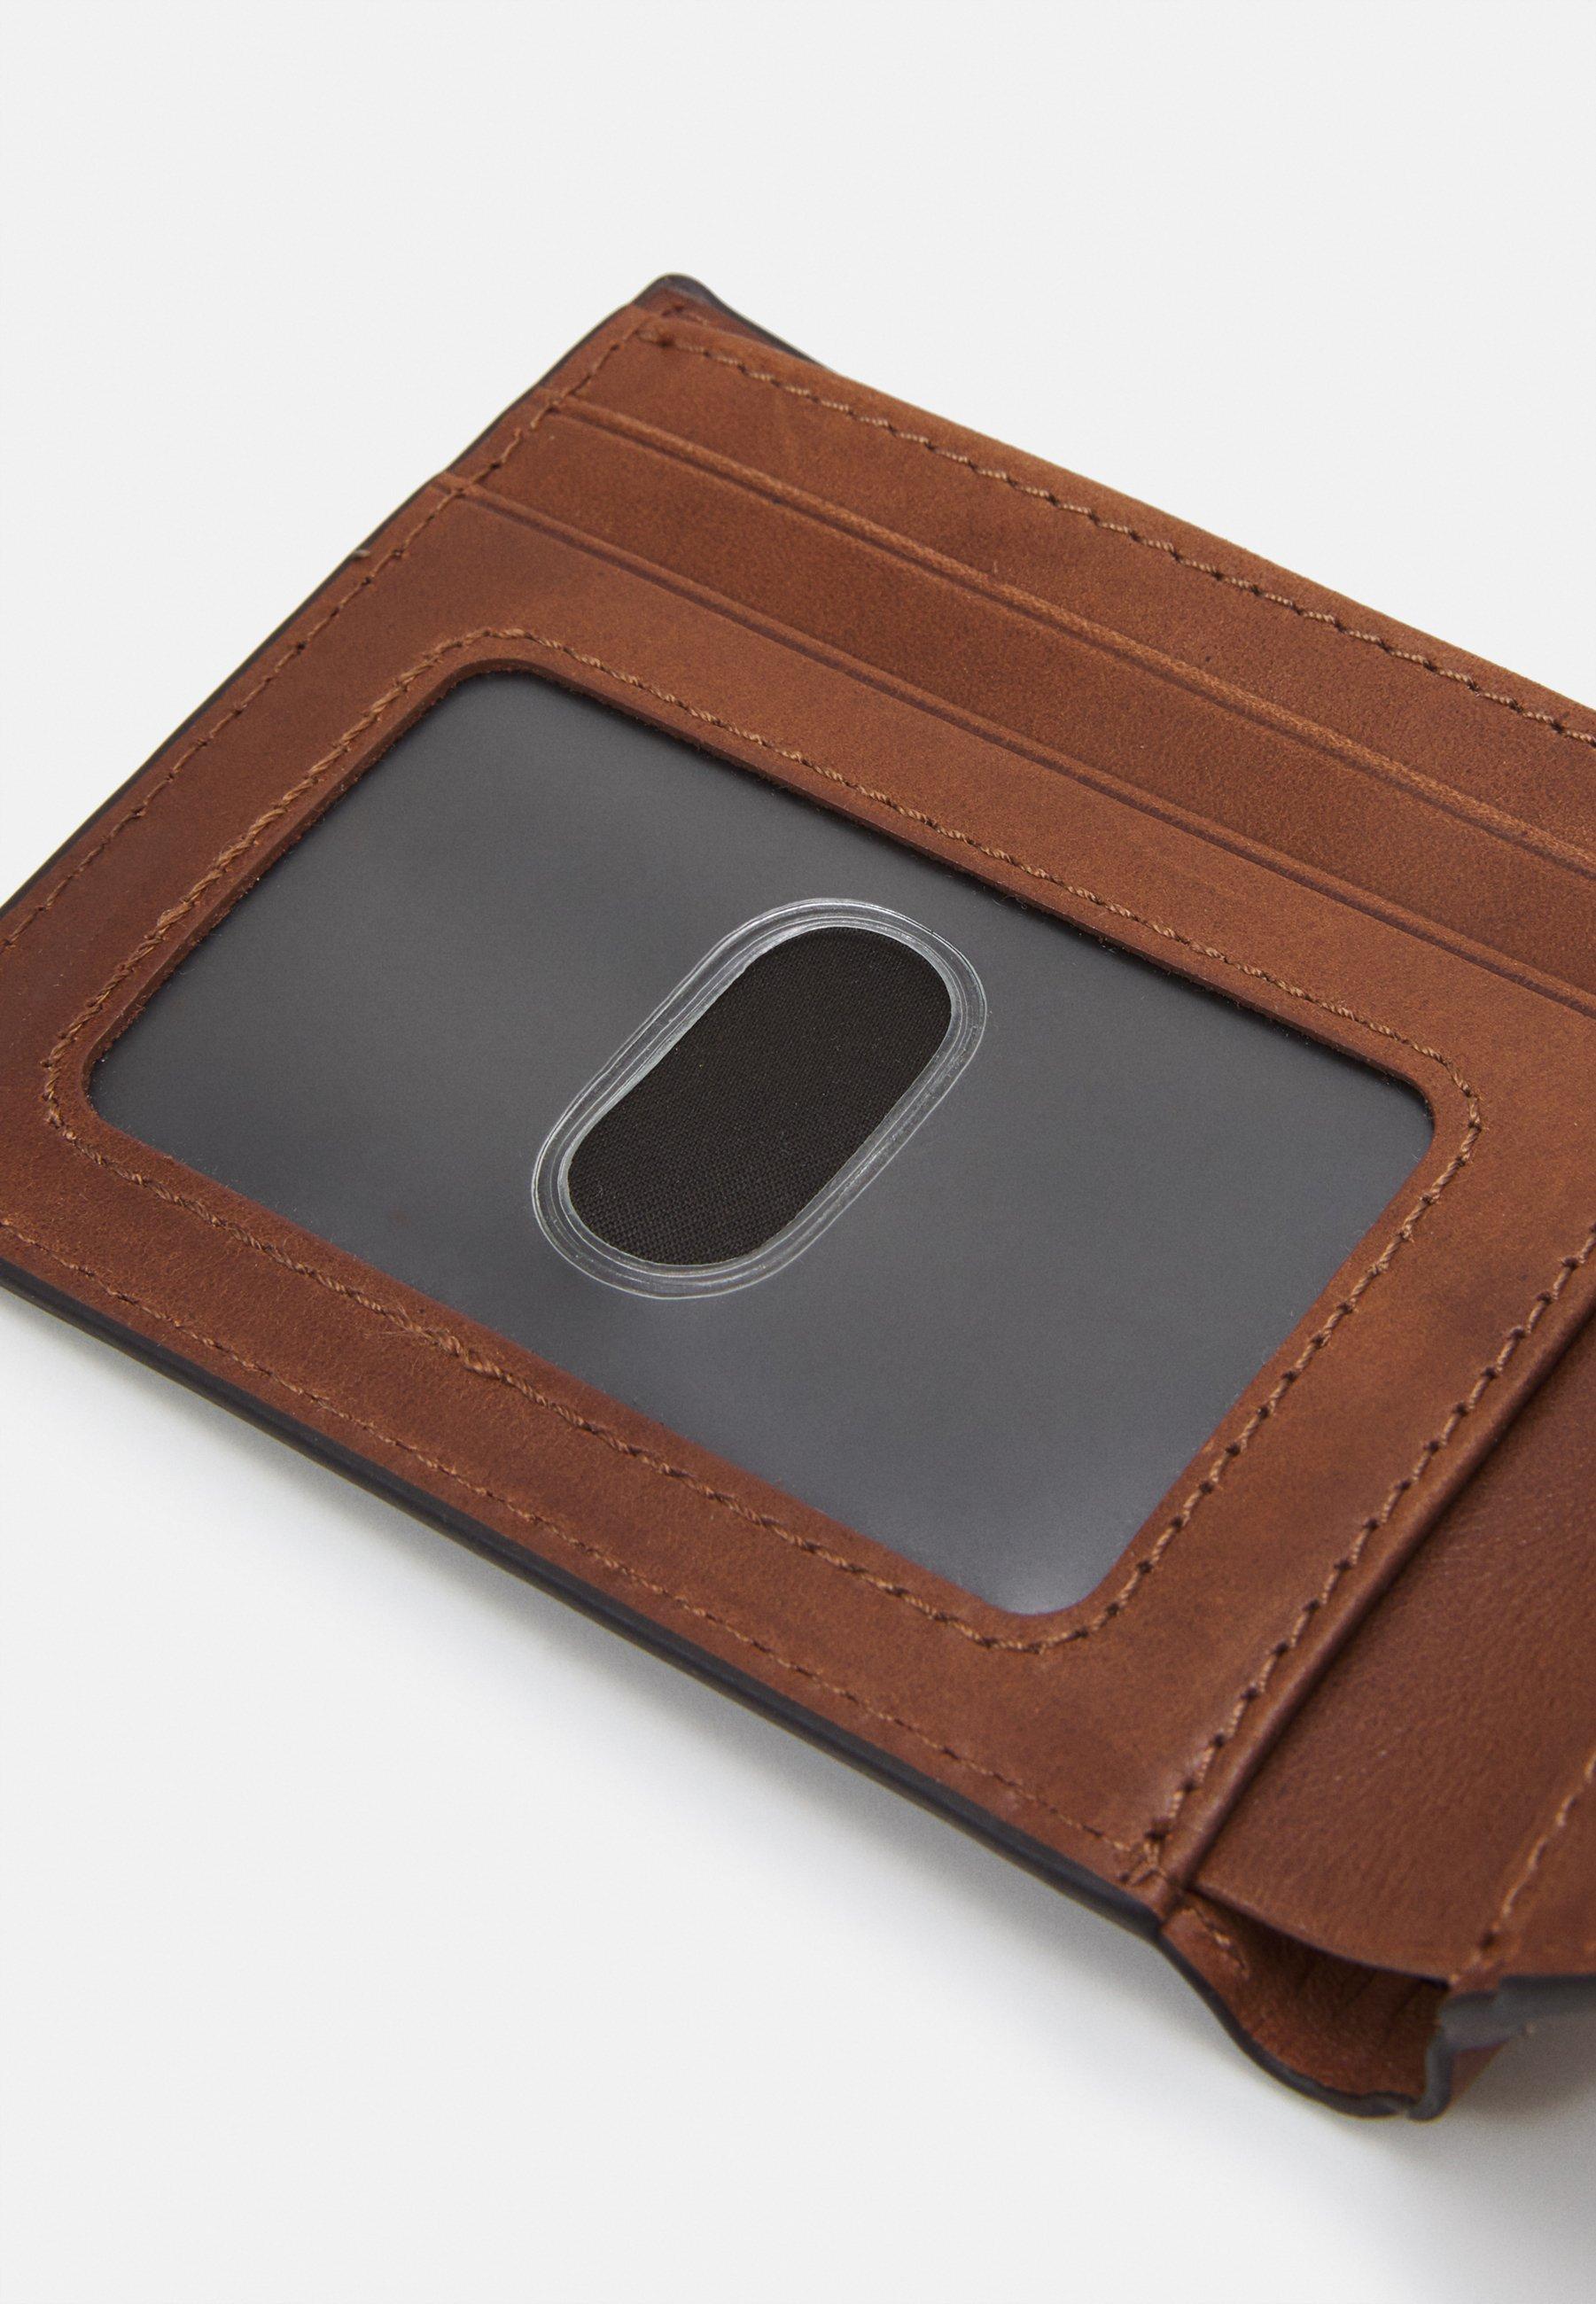 Fossil JARED - Geldbörse - brown/braun - Herrentaschen m8snH